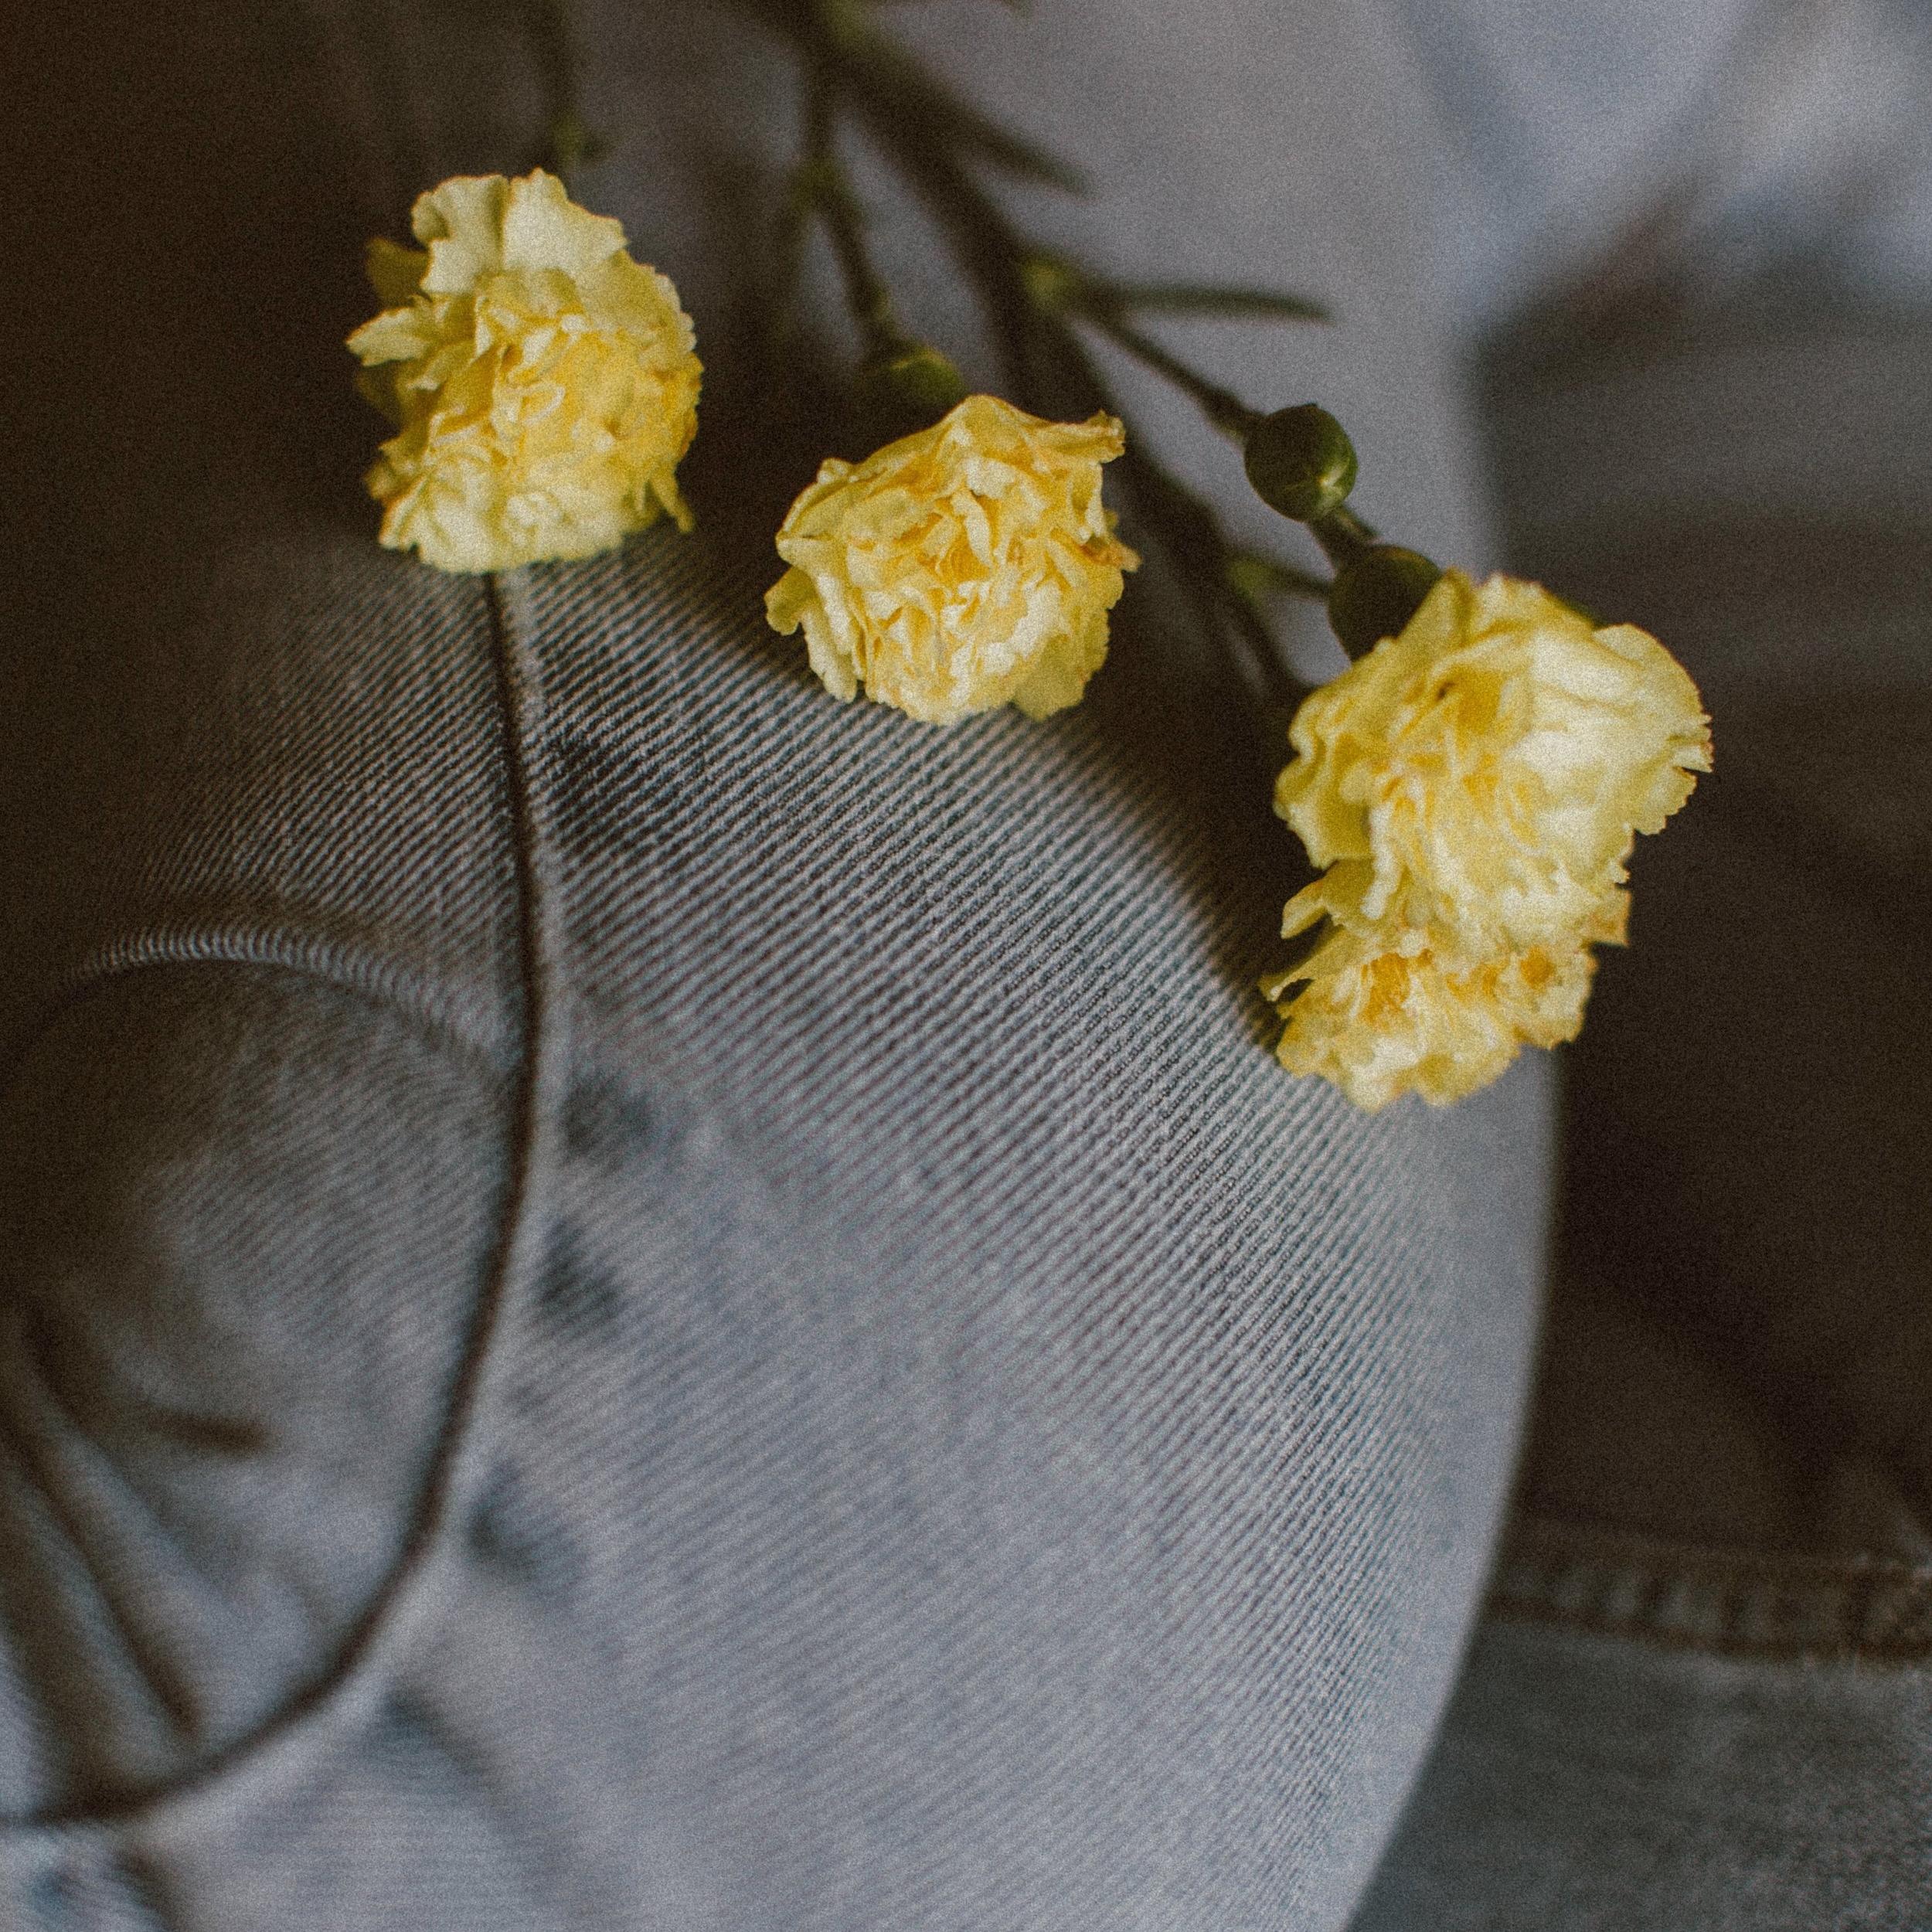 frank-flores-464933.jpg